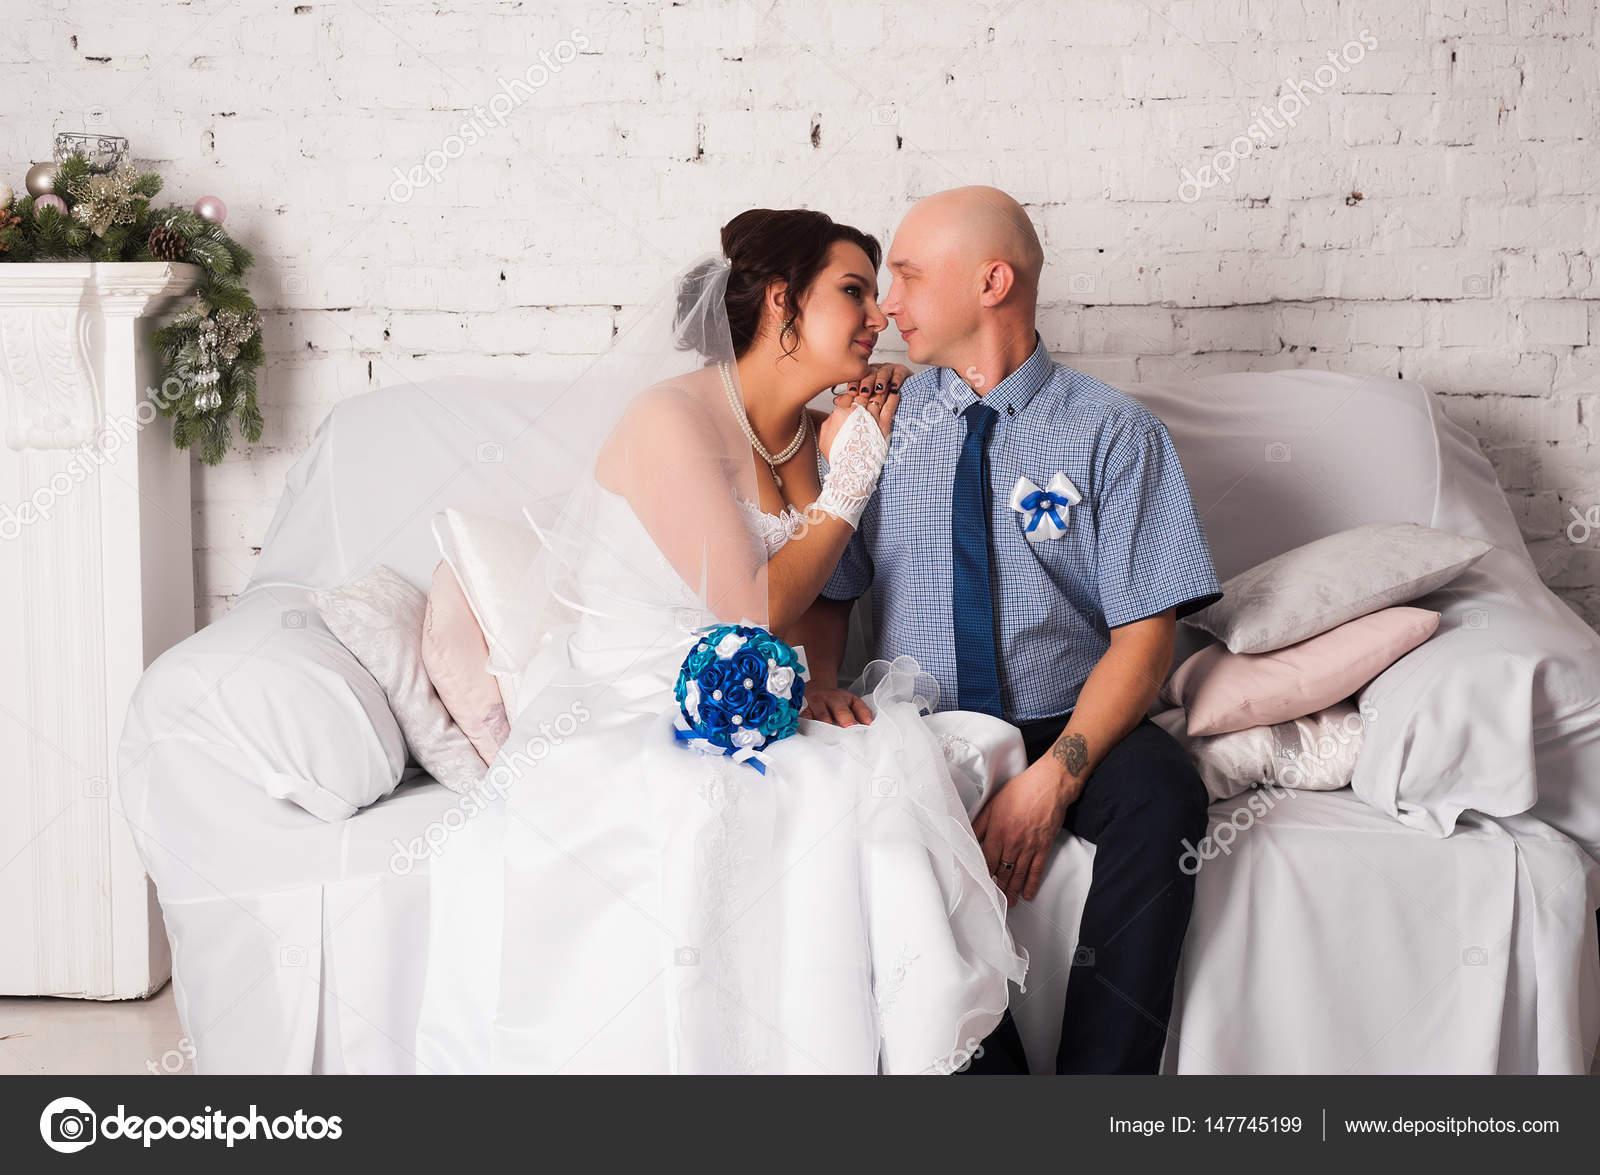 Imágenes Una Pareja Casandose Joven Pareja Casándose Y Jugando